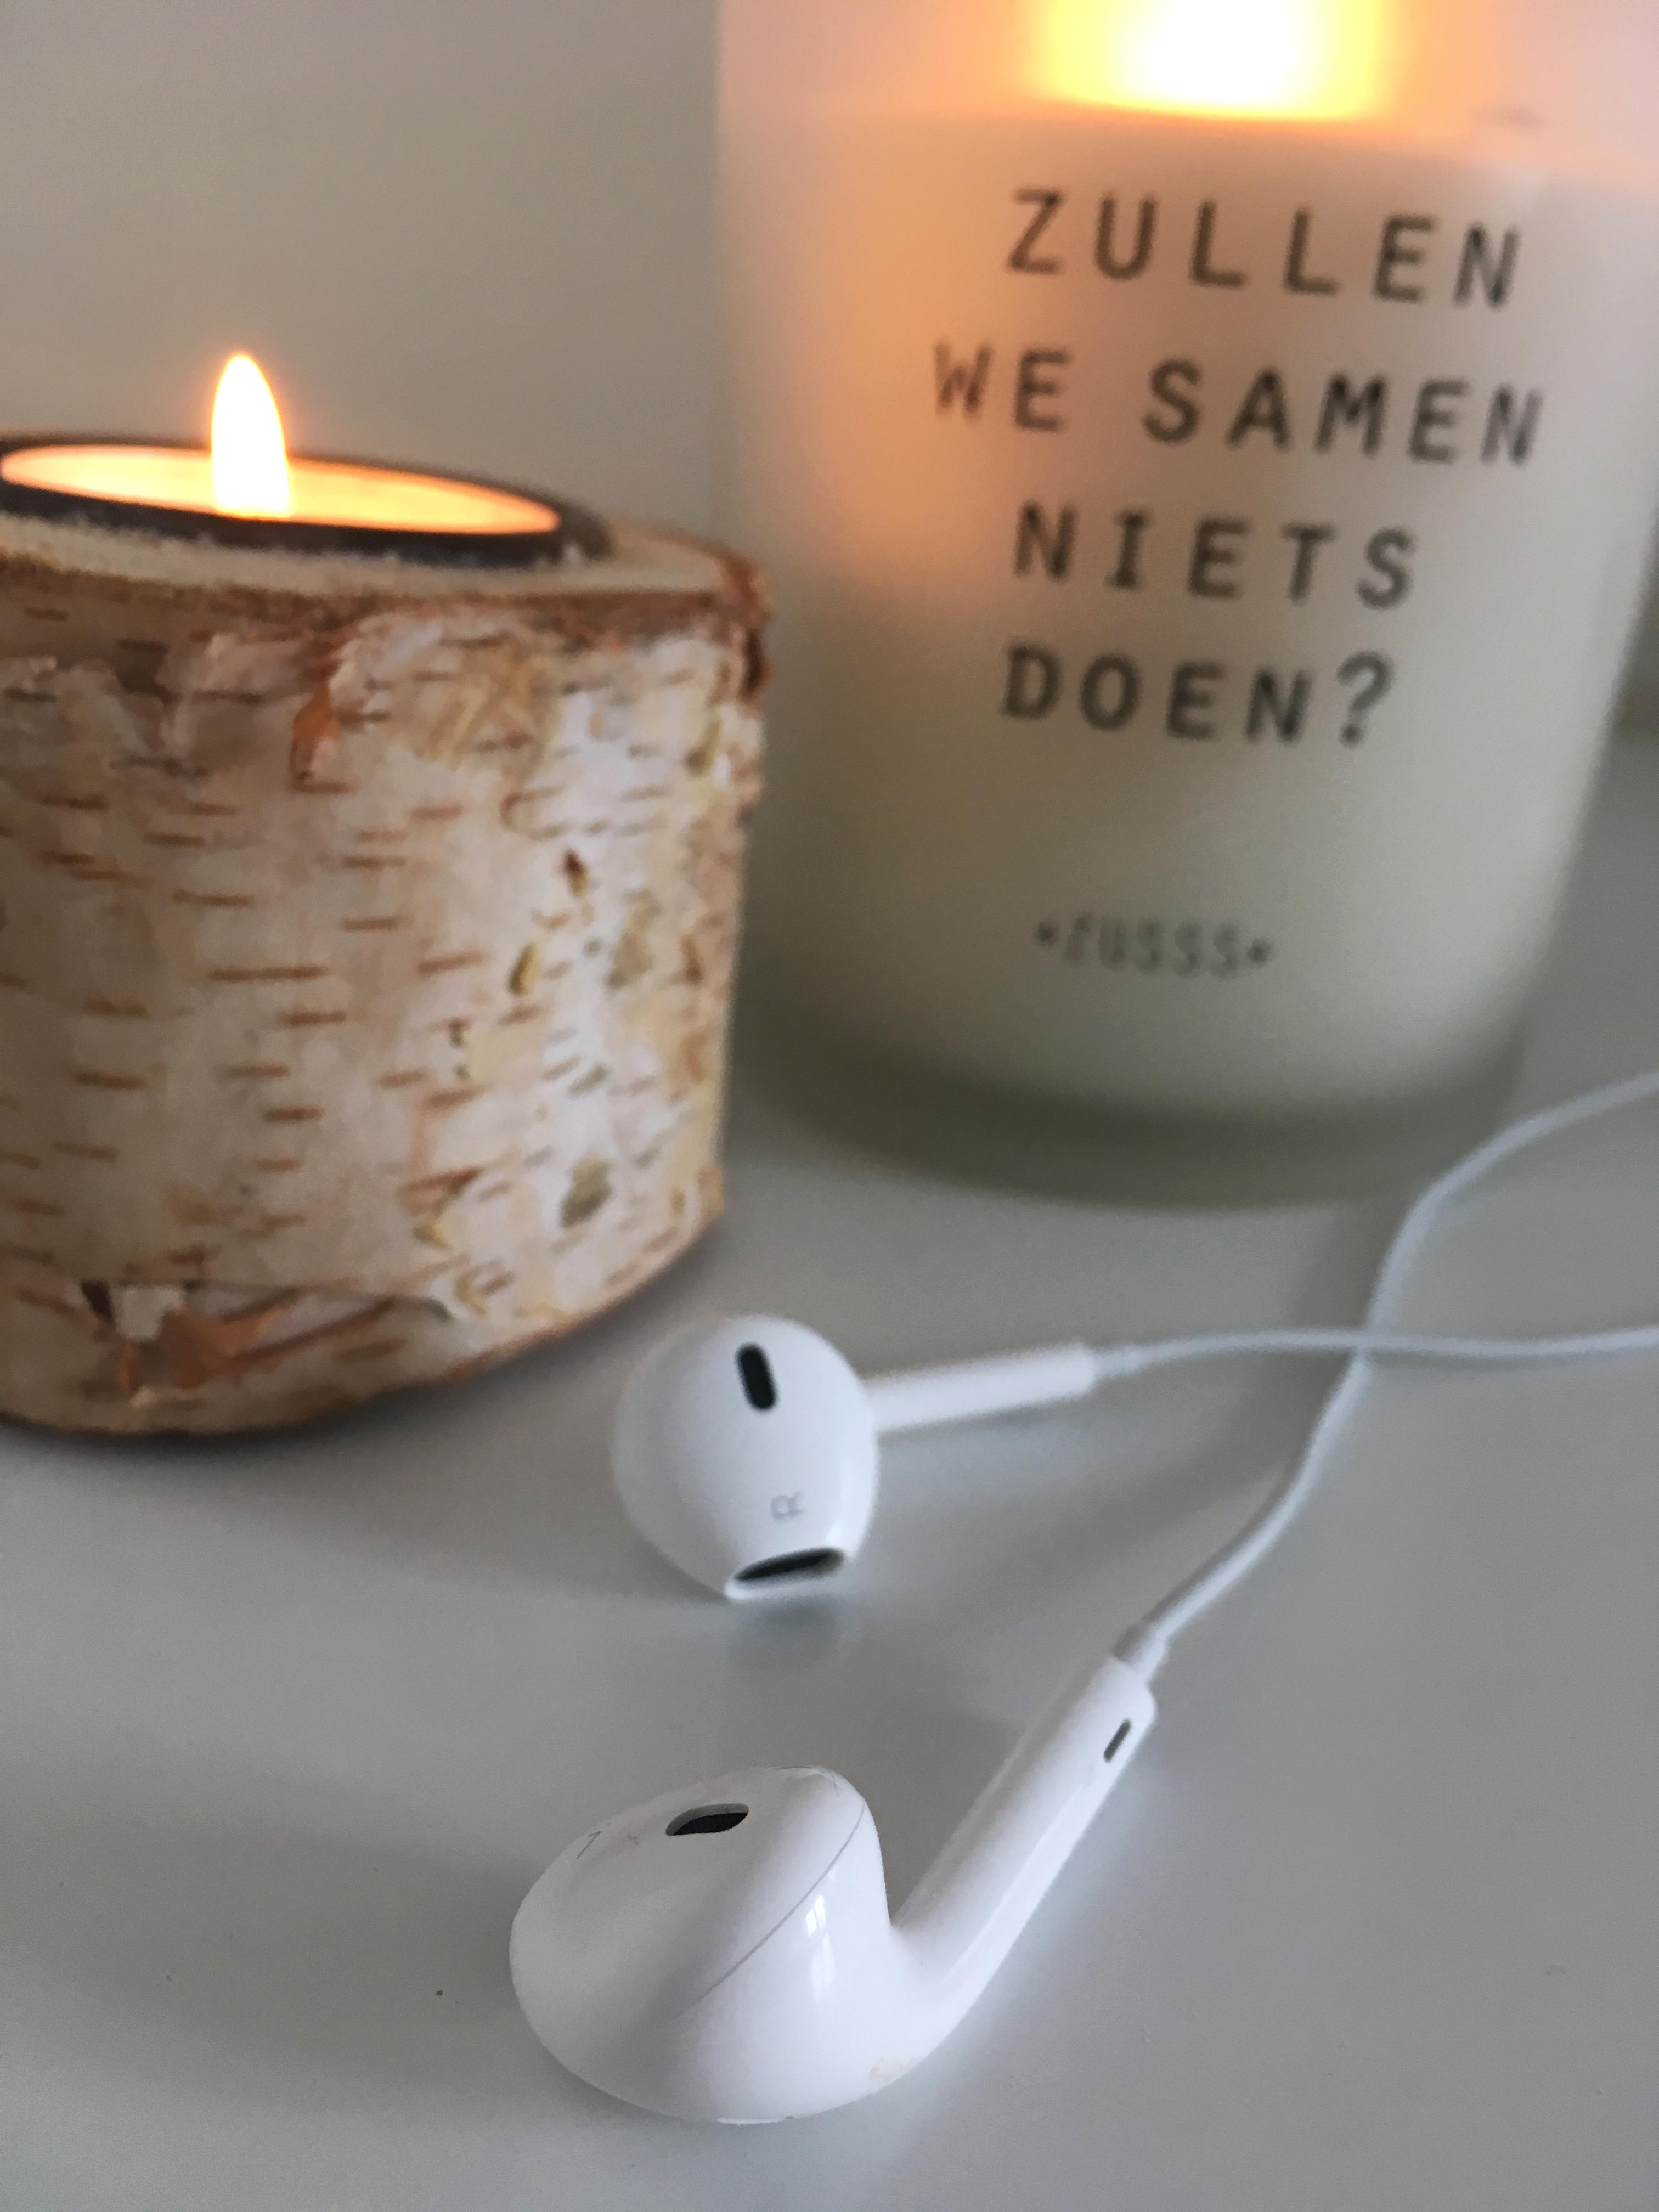 samen-niets-doen-muziek-stress-negativiteit-fibromyalgieblog